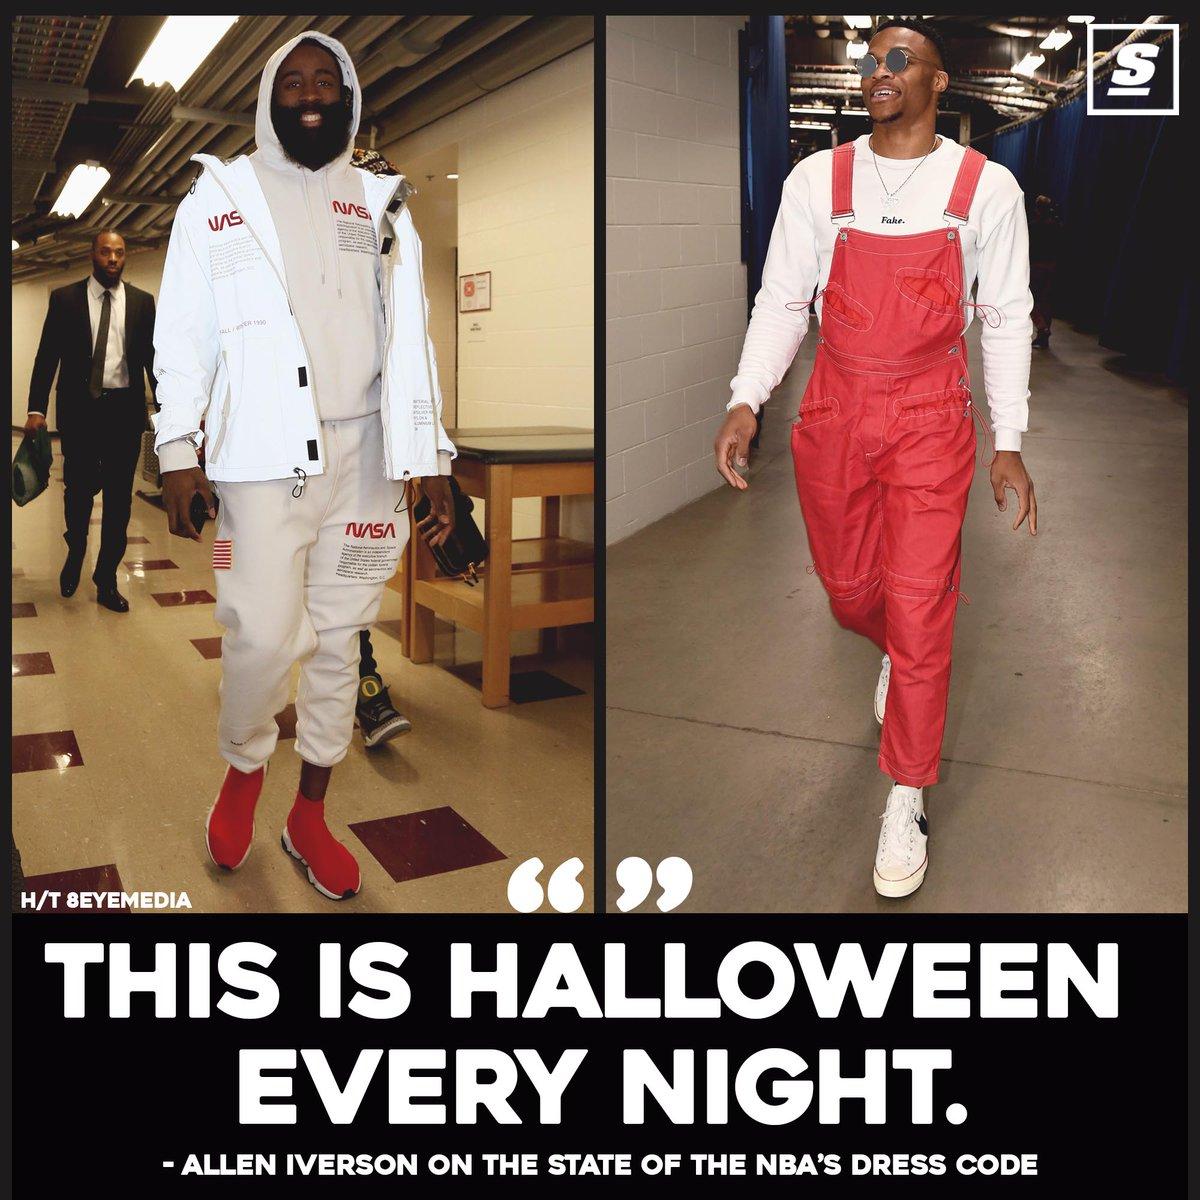 艾弗森吐槽NBA球员穿着:他们每晚都像在过万圣节